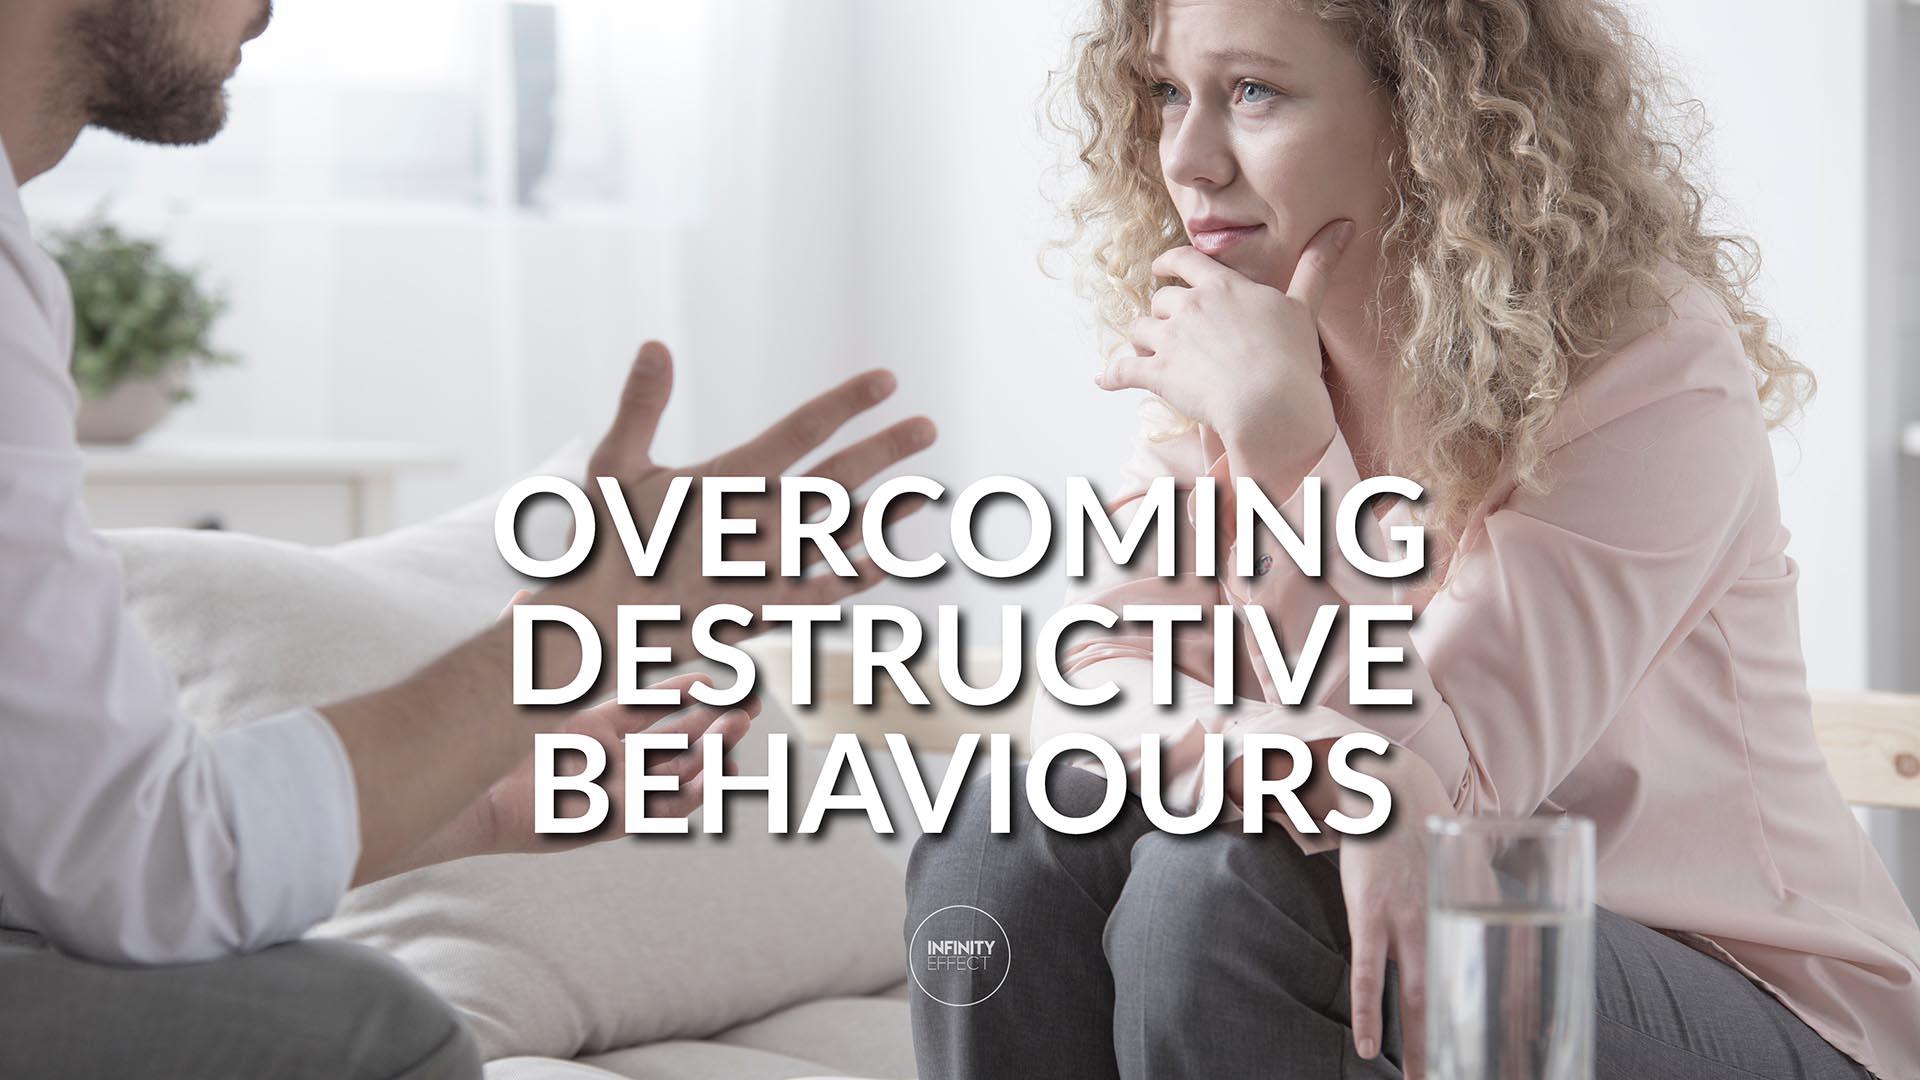 Overcoming Destructive Behaviours